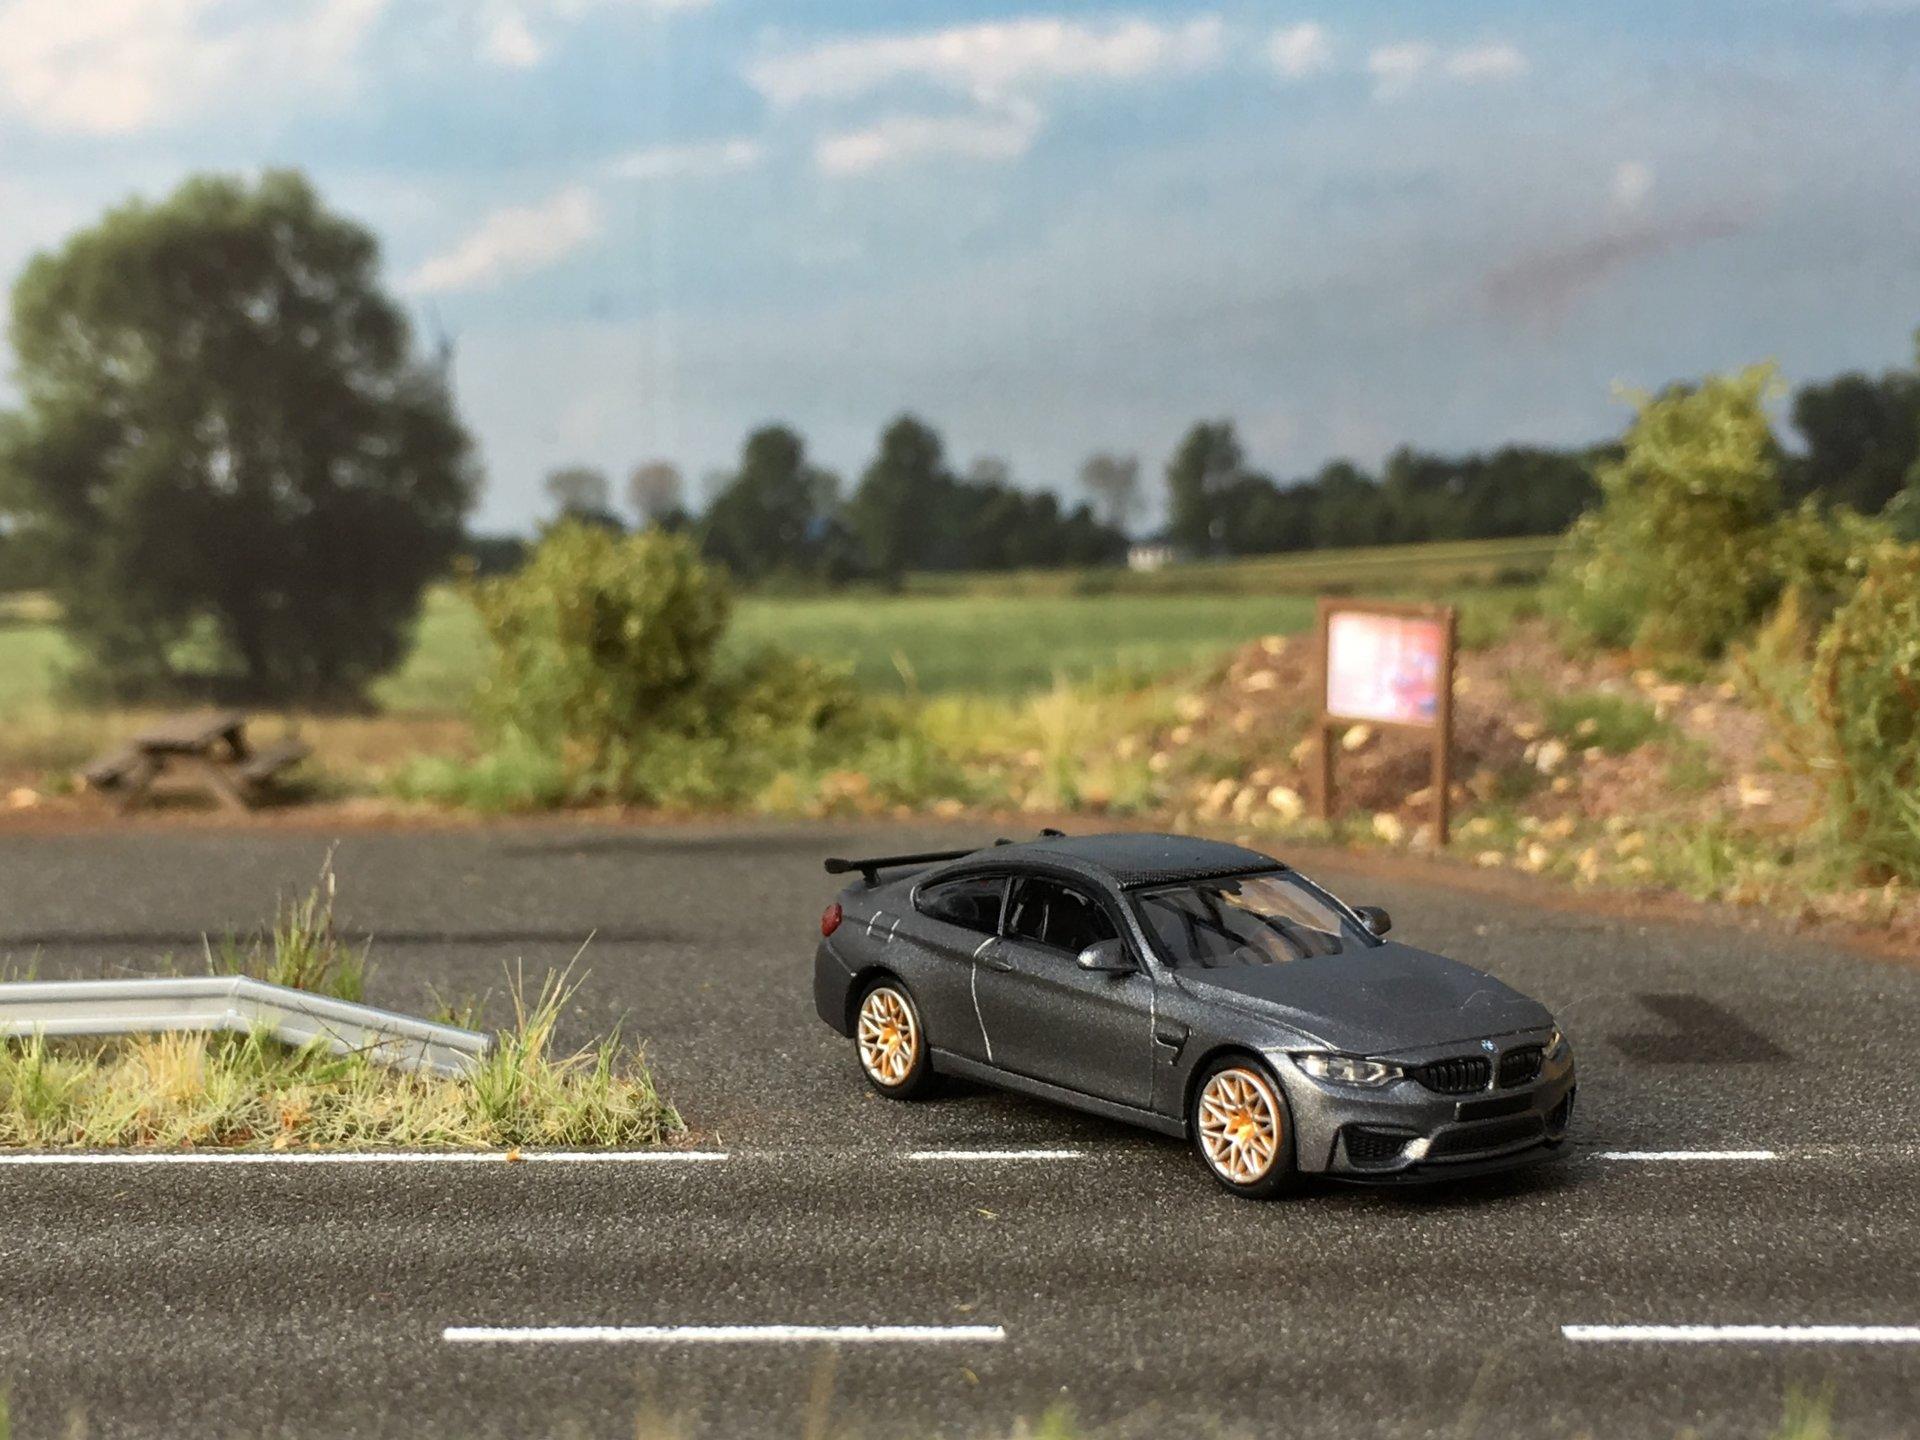 BMW M4 GTS grafit 002.jpg